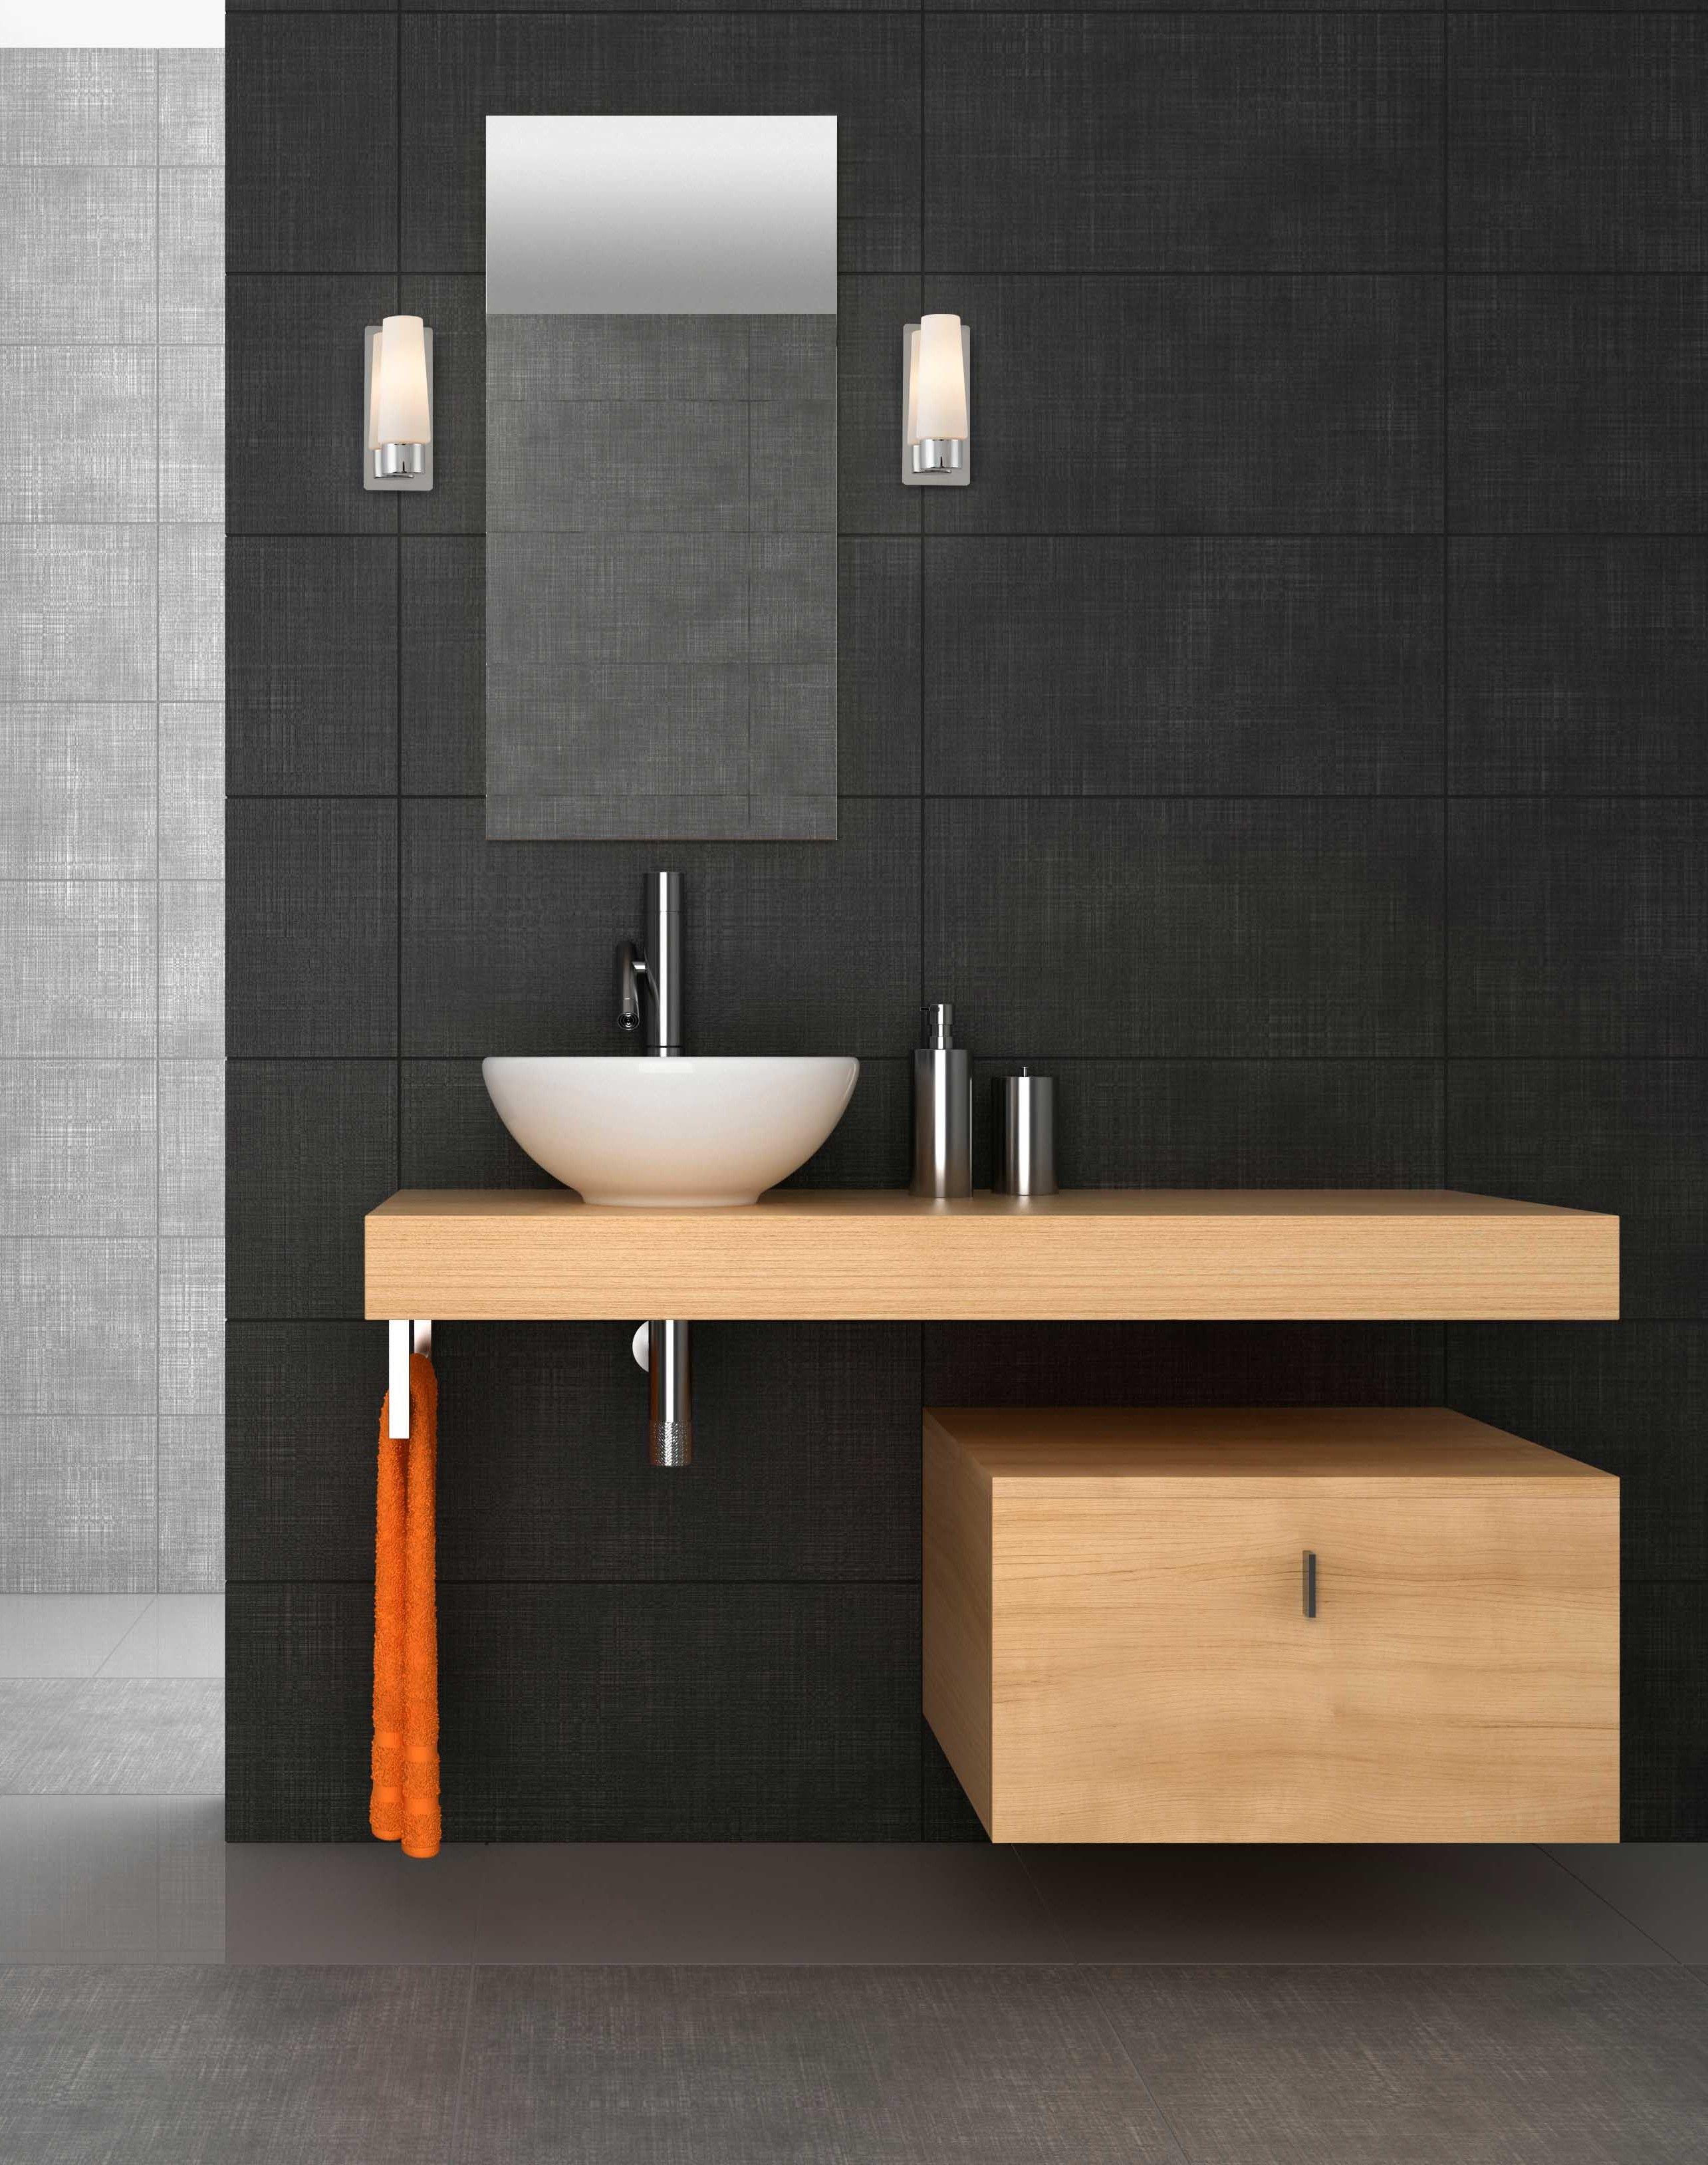 Meuble Vasque Et Miroir Eclaire Par Deux Appliques Pour Une Lumiere Precise Applique Salle De Bain Eclairage Salle De Bain Stickers Muraux